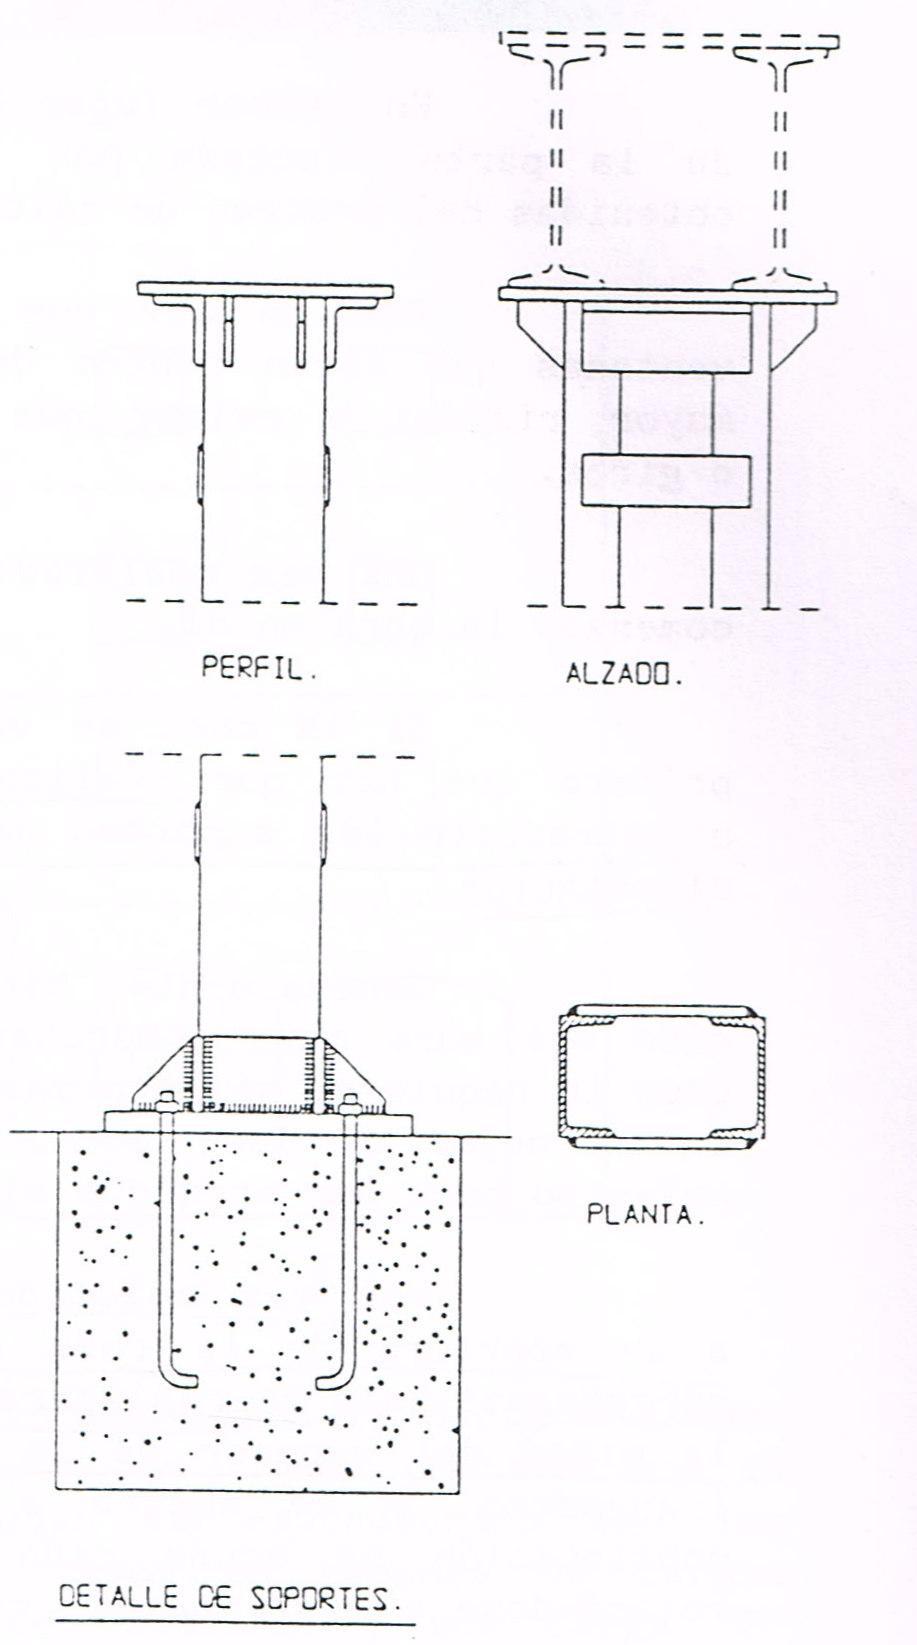 Detalle de soportes para vigas cargaderas